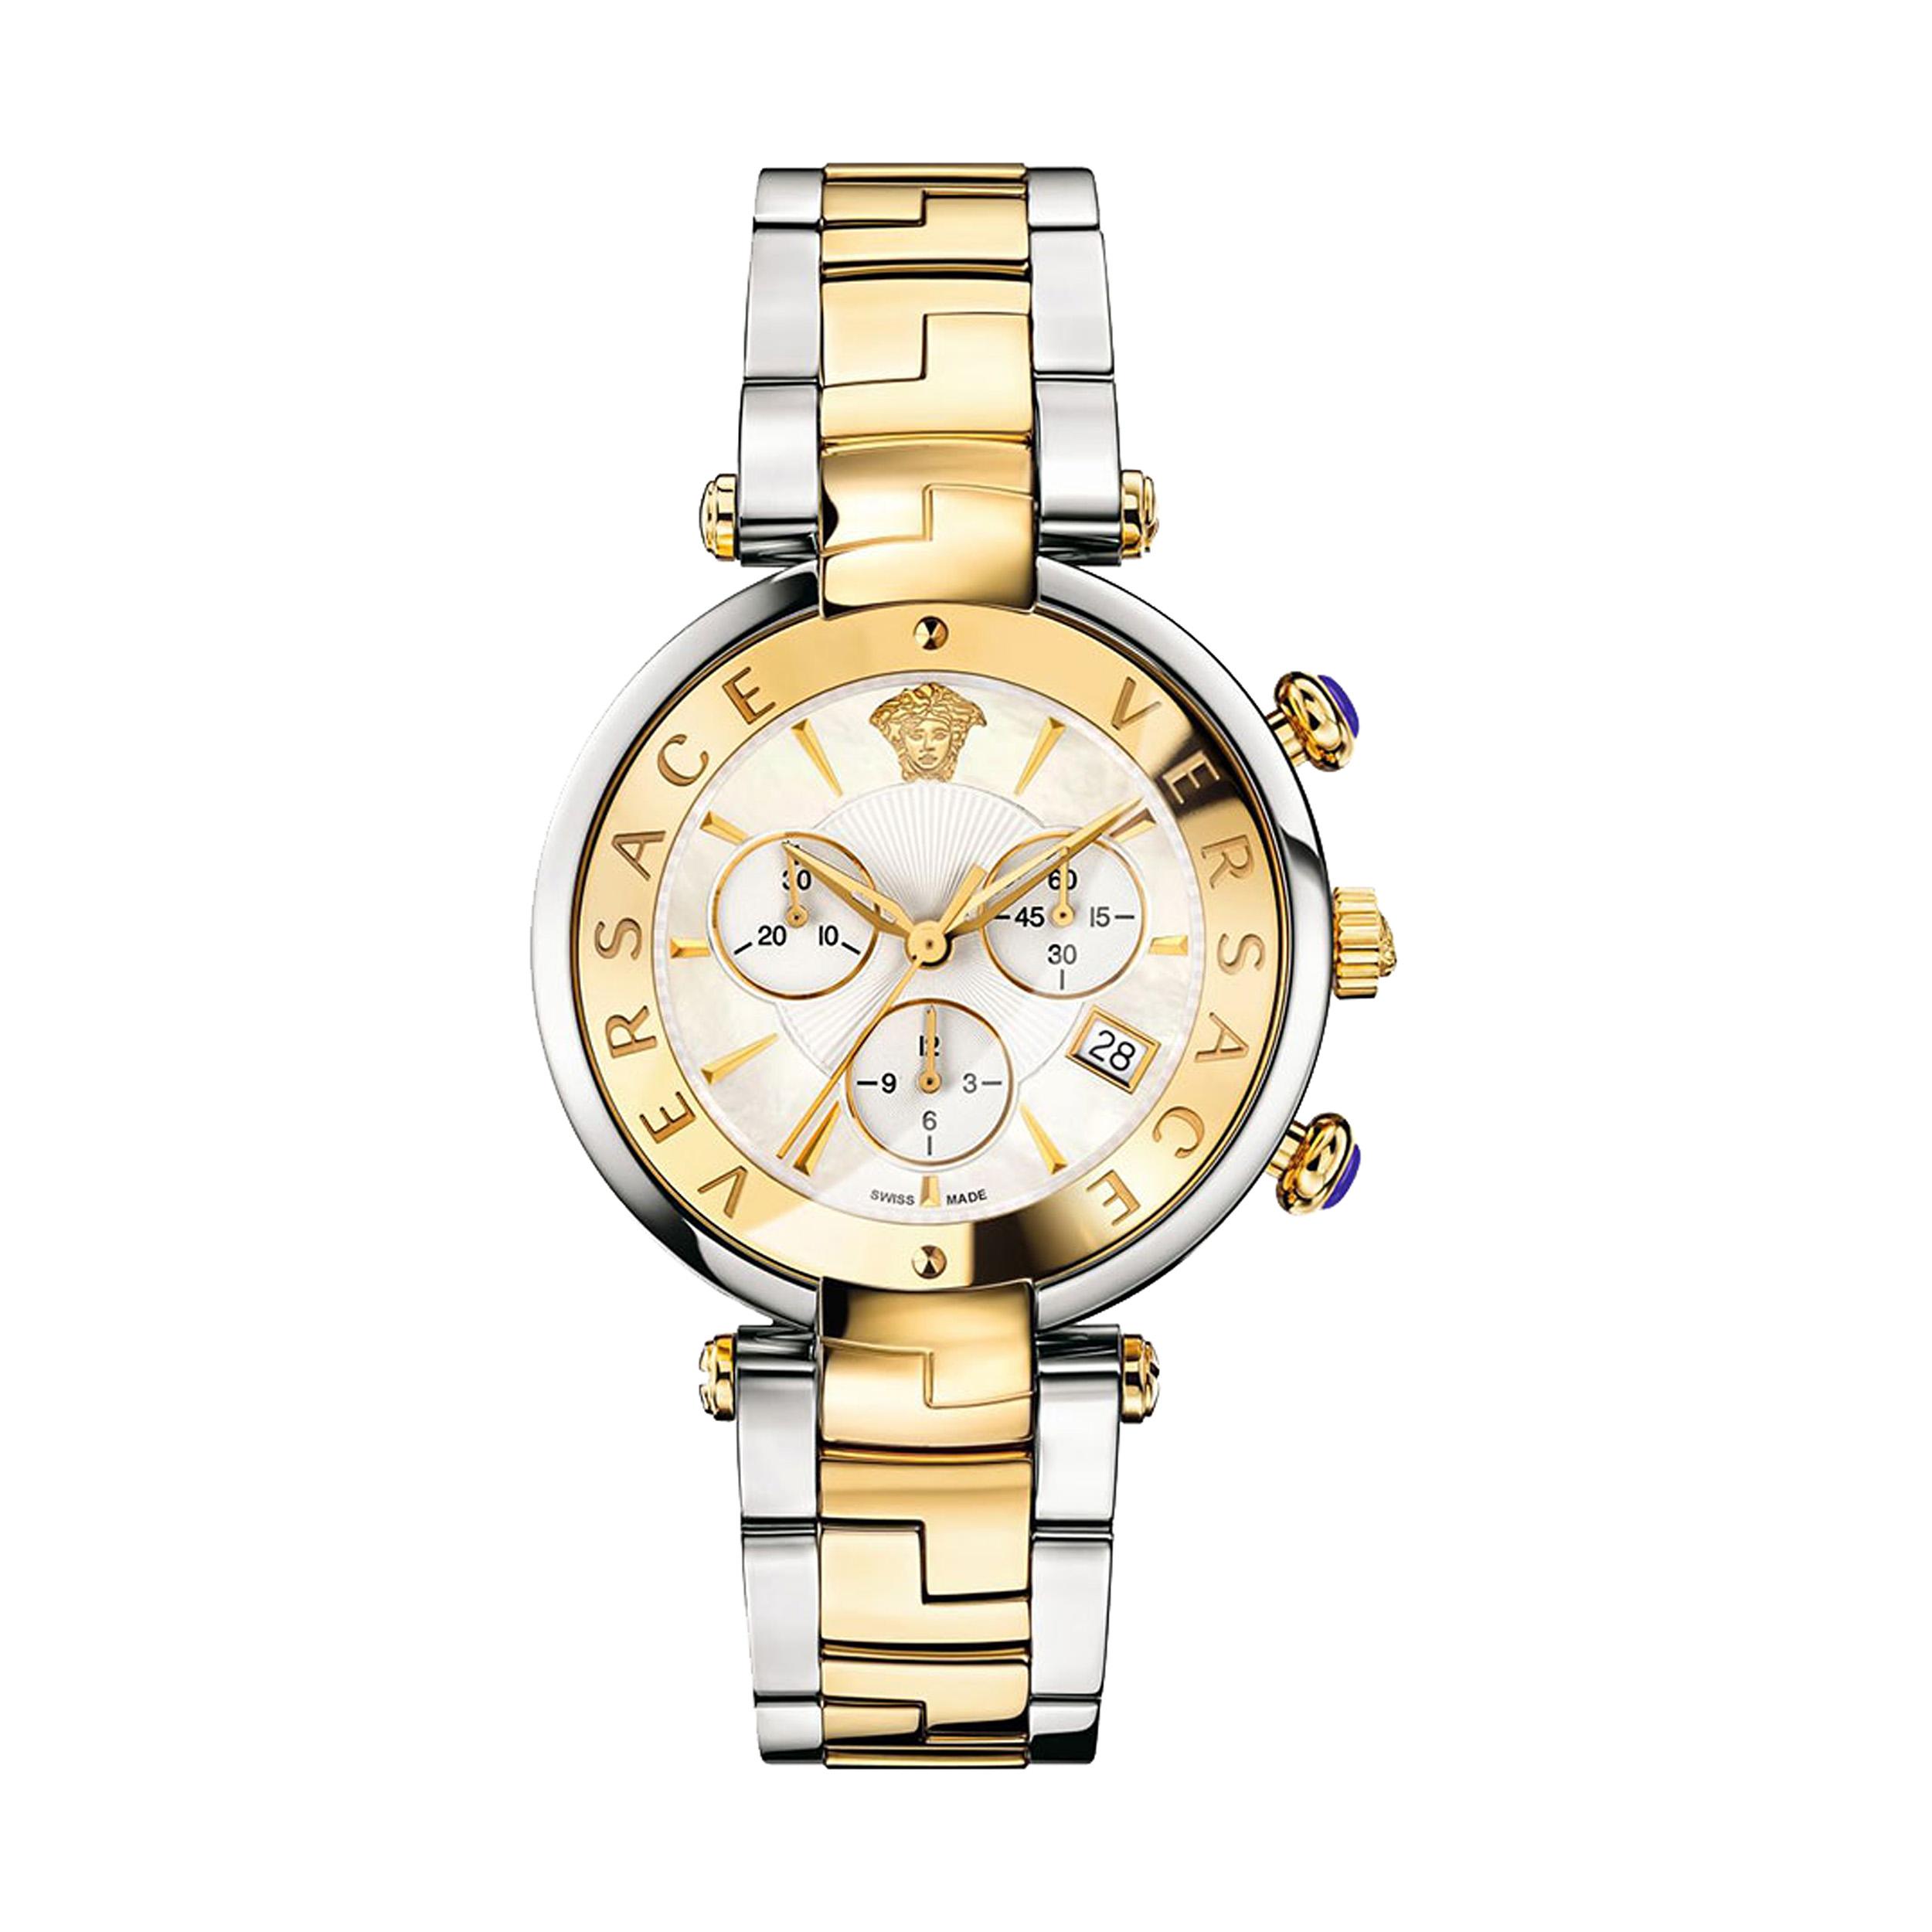 خرید ساعت مچی عقربه ای زنانه ورساچه مدل VAJ050016